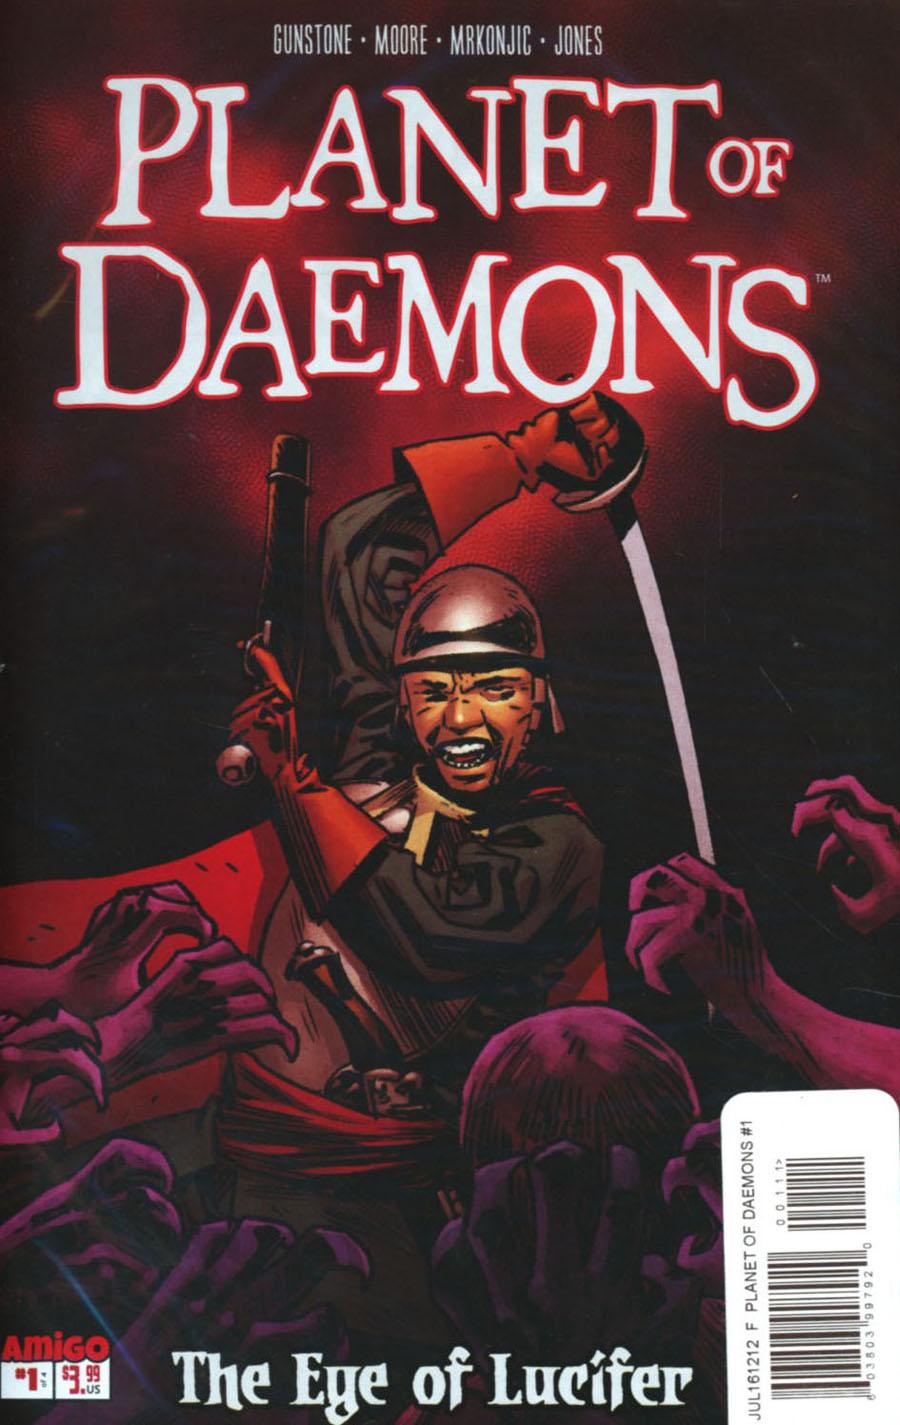 Planet Of Daemons #1